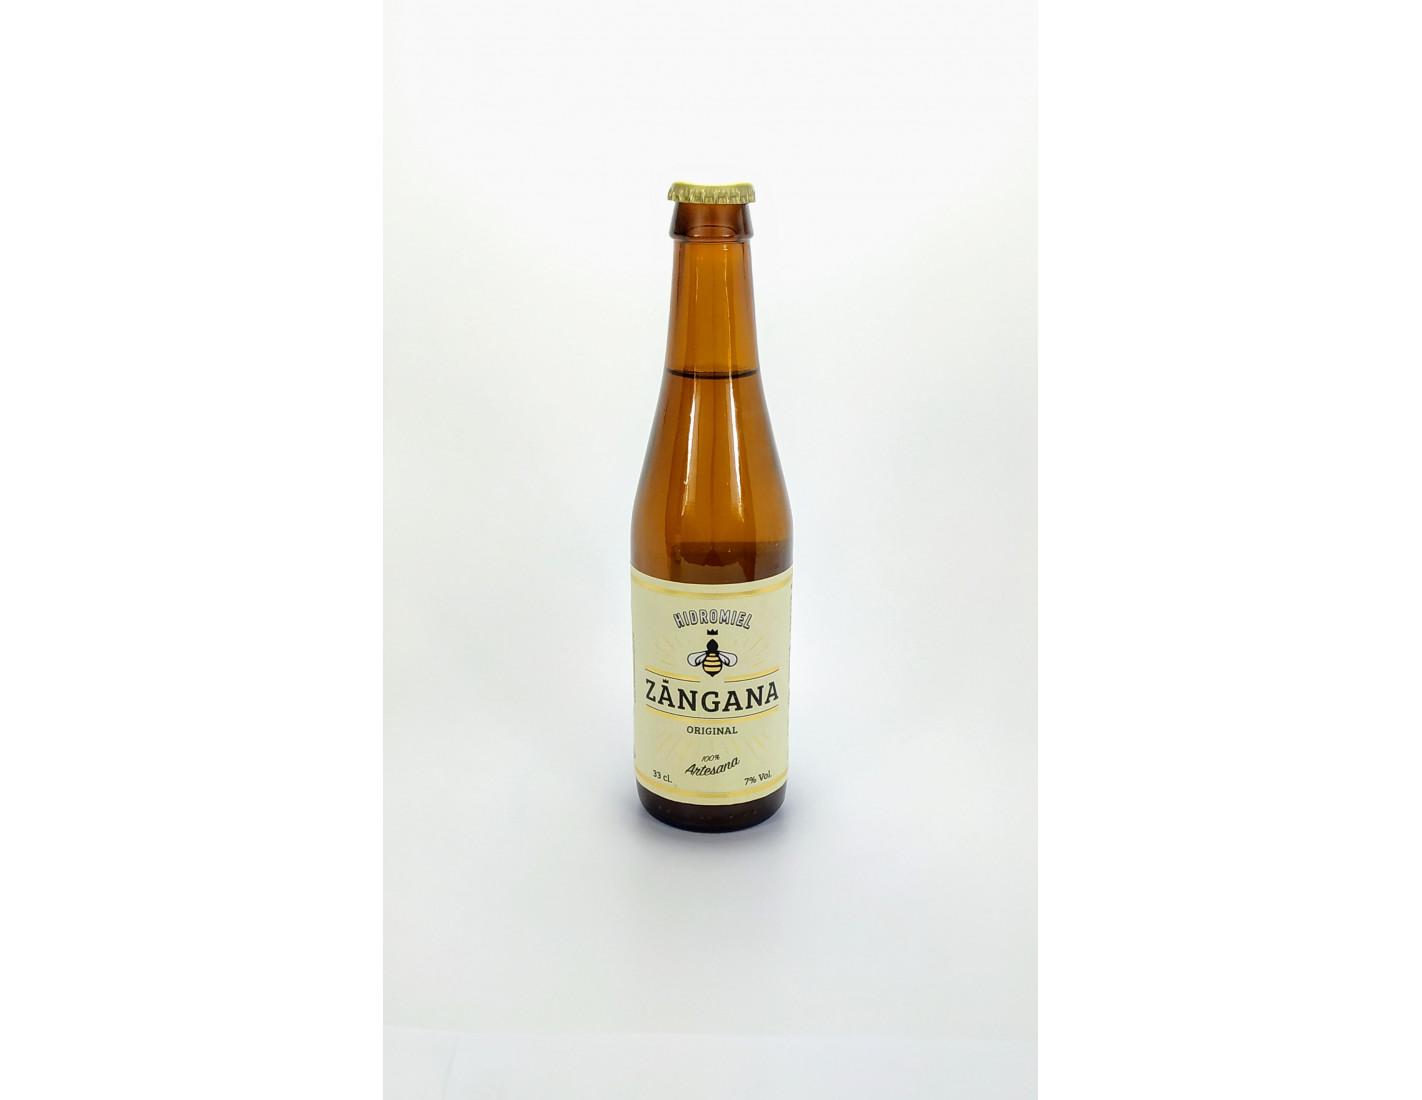 Hidromiel Zángana Original - Caja de 12 botellas